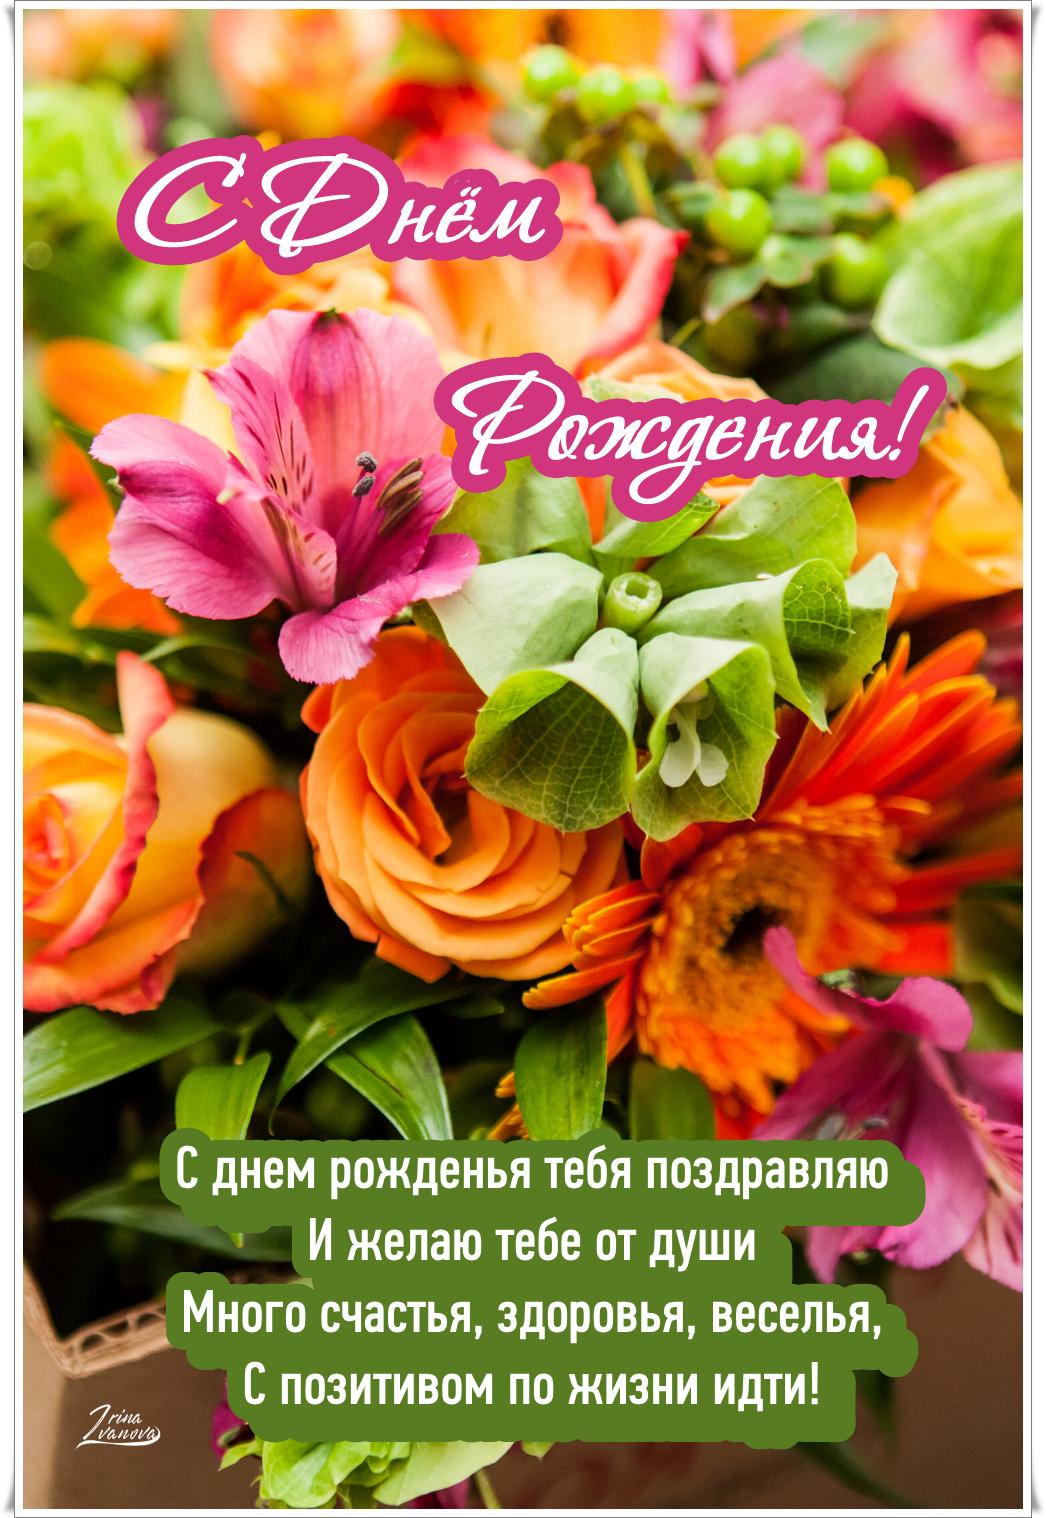 Pozdravleniya S Dnem Rozhdeniya Krasivye V Proze Zhenshine Muzhchine Podruge Mama Sestre Happy Birthday Flowers Birthday